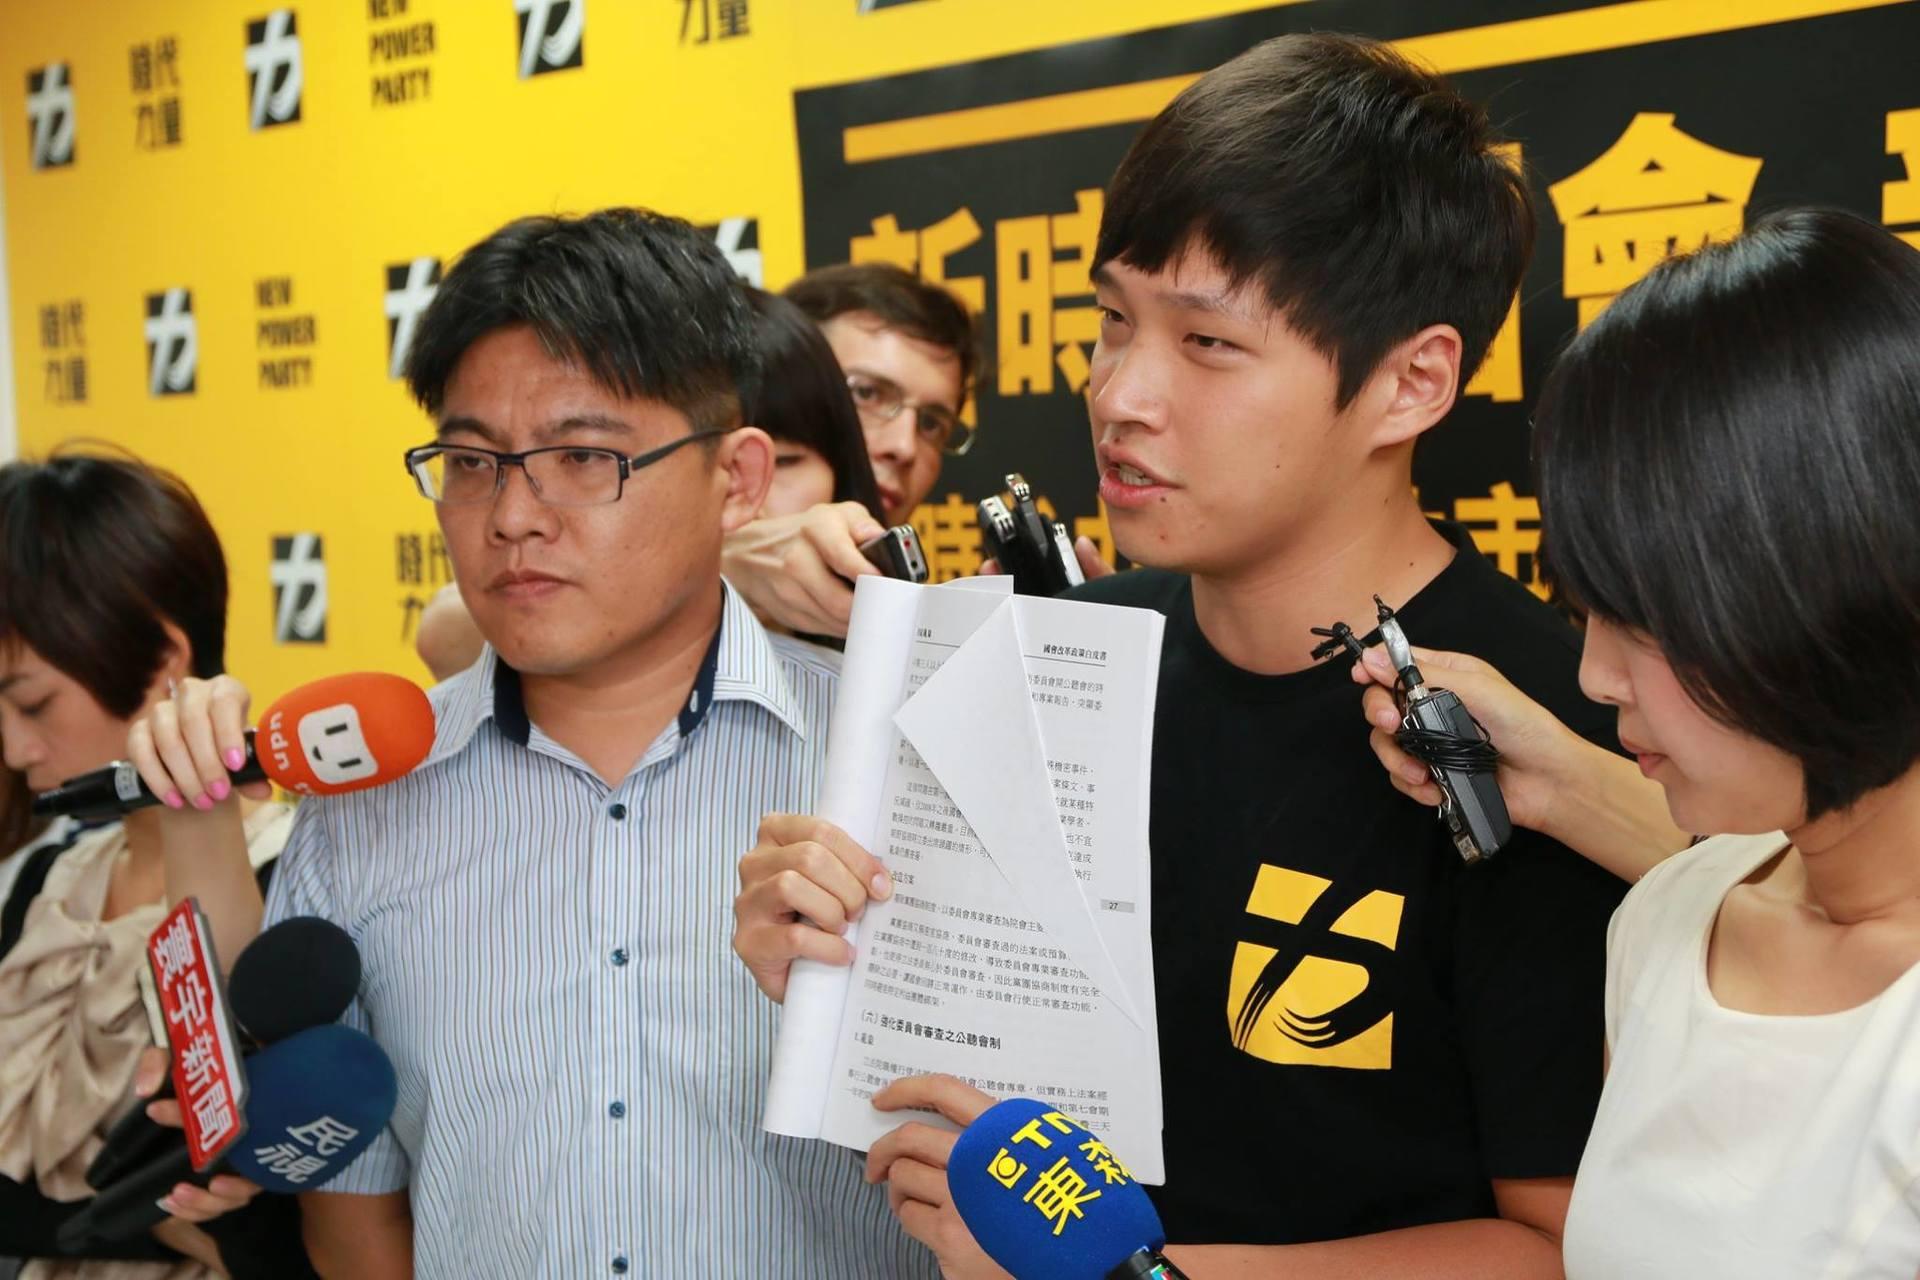 綠黨召集人王浩宇分析,時代力量在全台灣支持度最高的地方是由律師邱顯智任黨部主任委員的新竹市。圖片來源:時代力量/Facebook